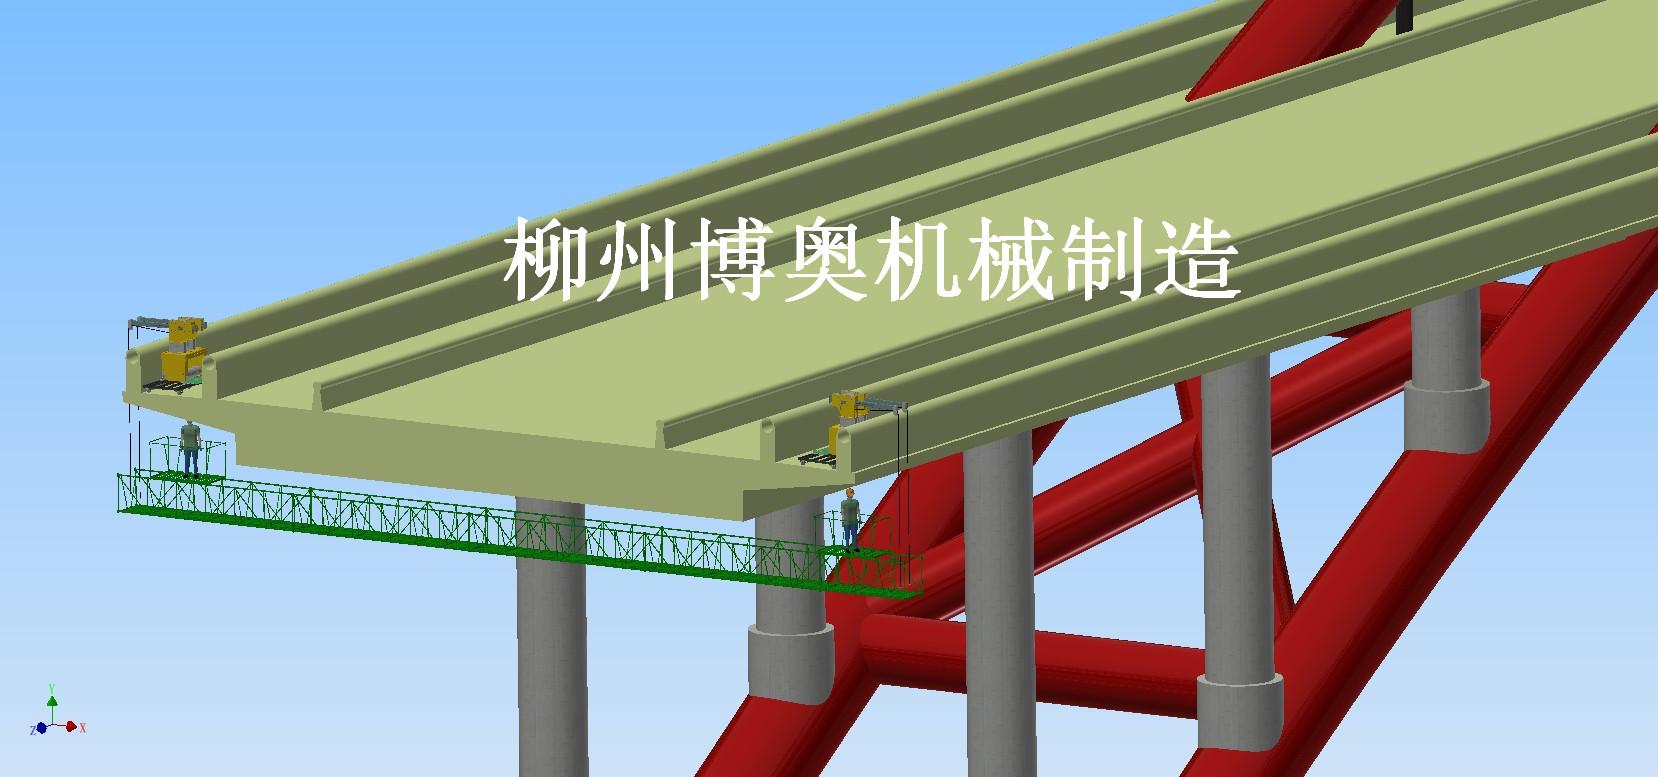 彩虹桥方案4